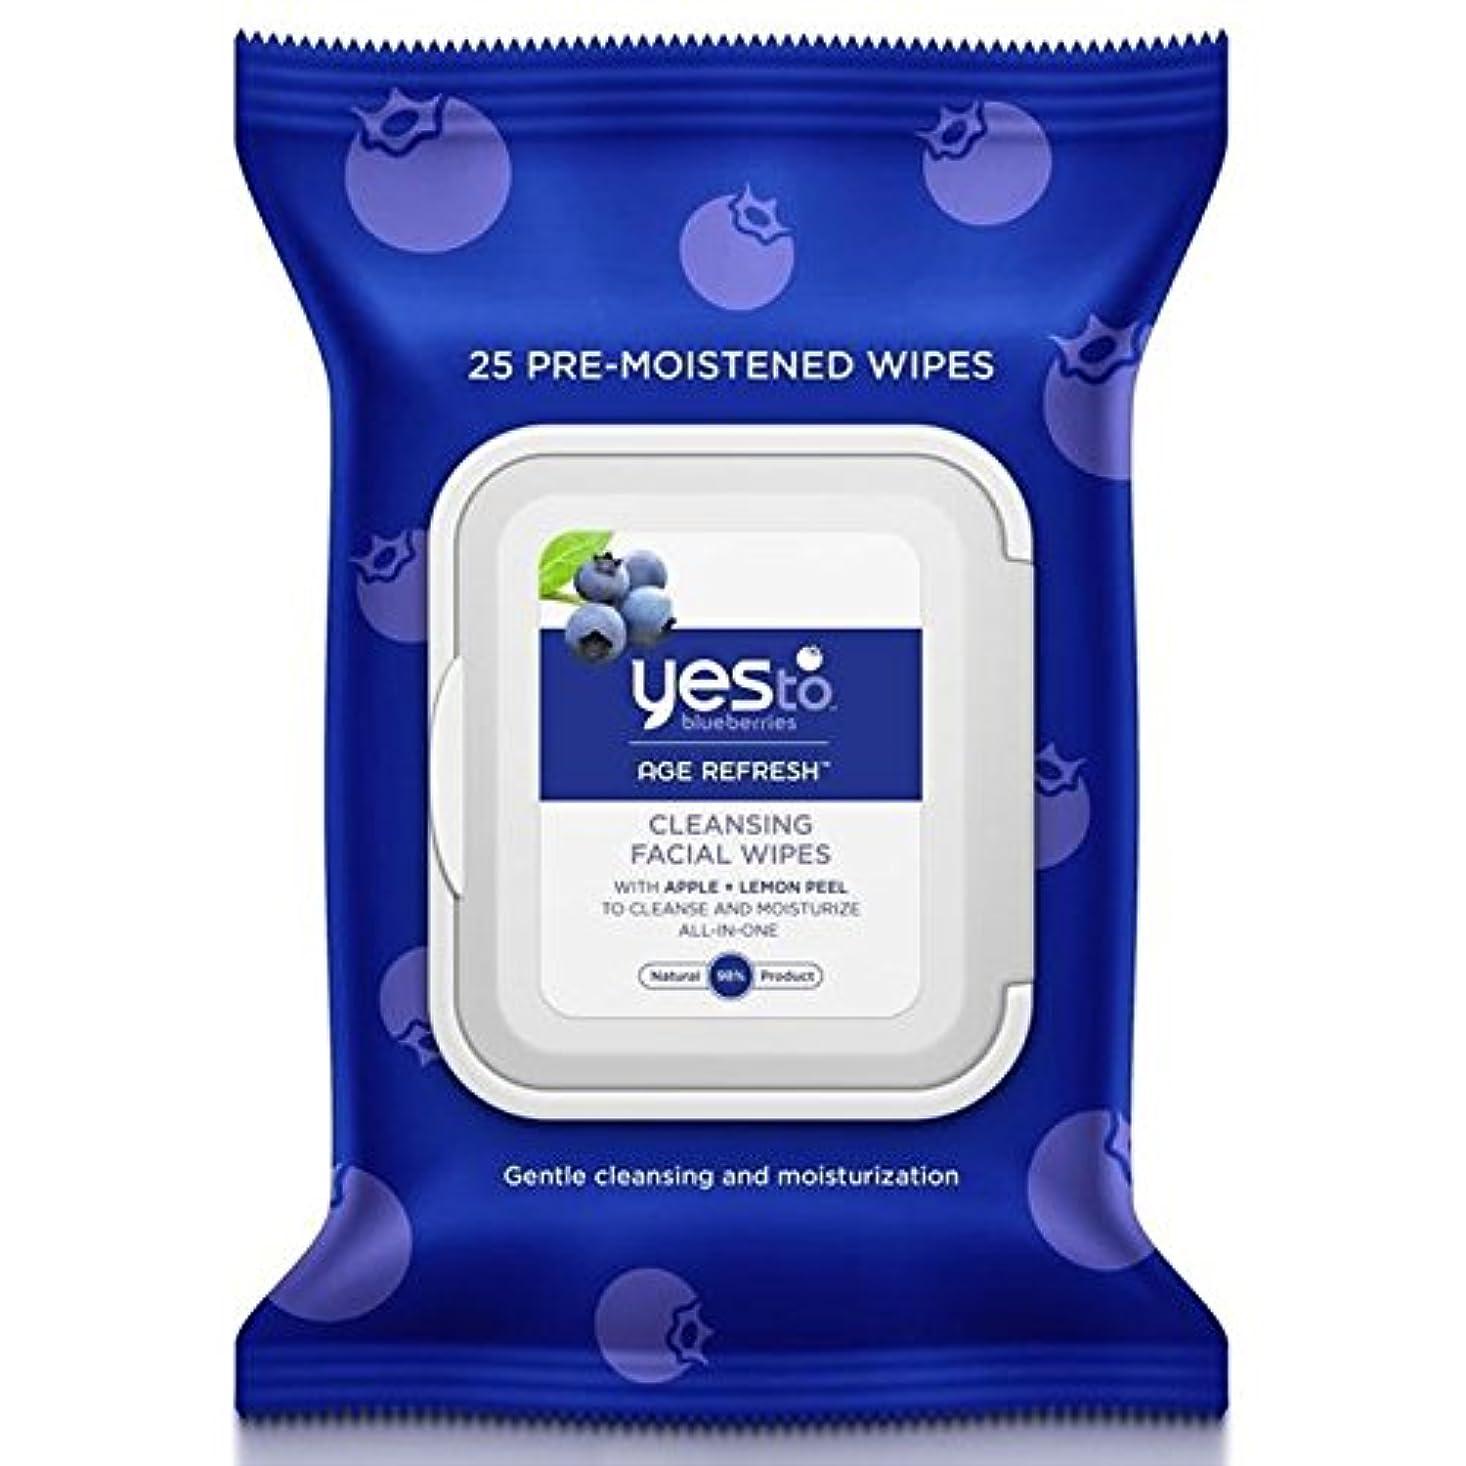 ヒットアテンダント芸術的Yes to Blueberries Wipes 25 per pack - はいブルーベリーにパックあたり25ワイプ [並行輸入品]